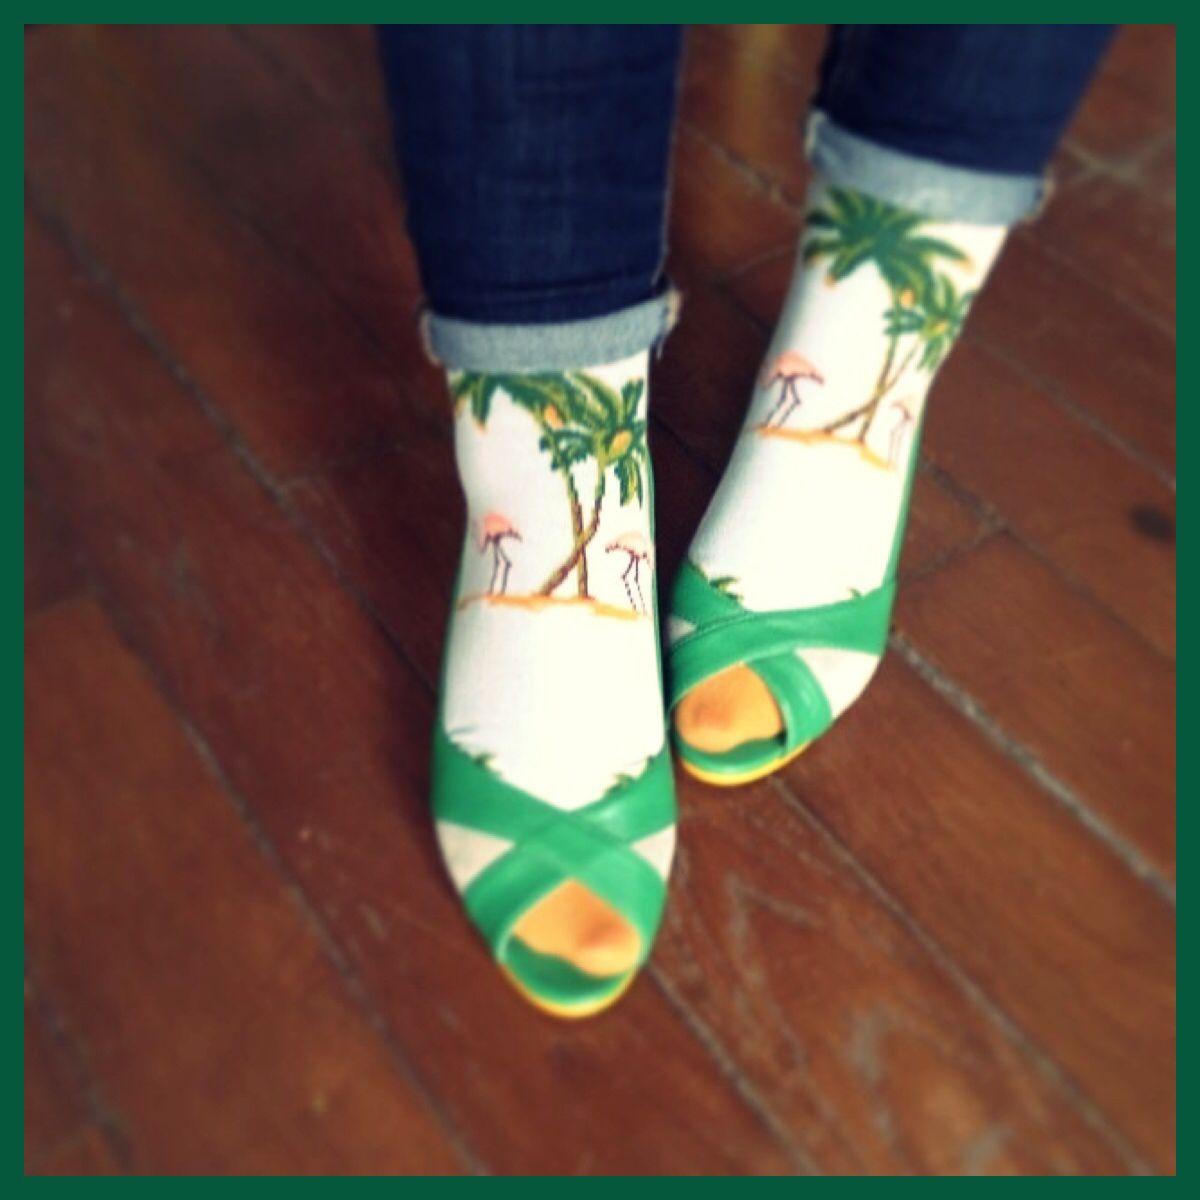 #ysasuparis #green #color #SS14 #dedignershoes #different #glamour #createur #liseretjaune #leathershoes #Paris #Montmartre